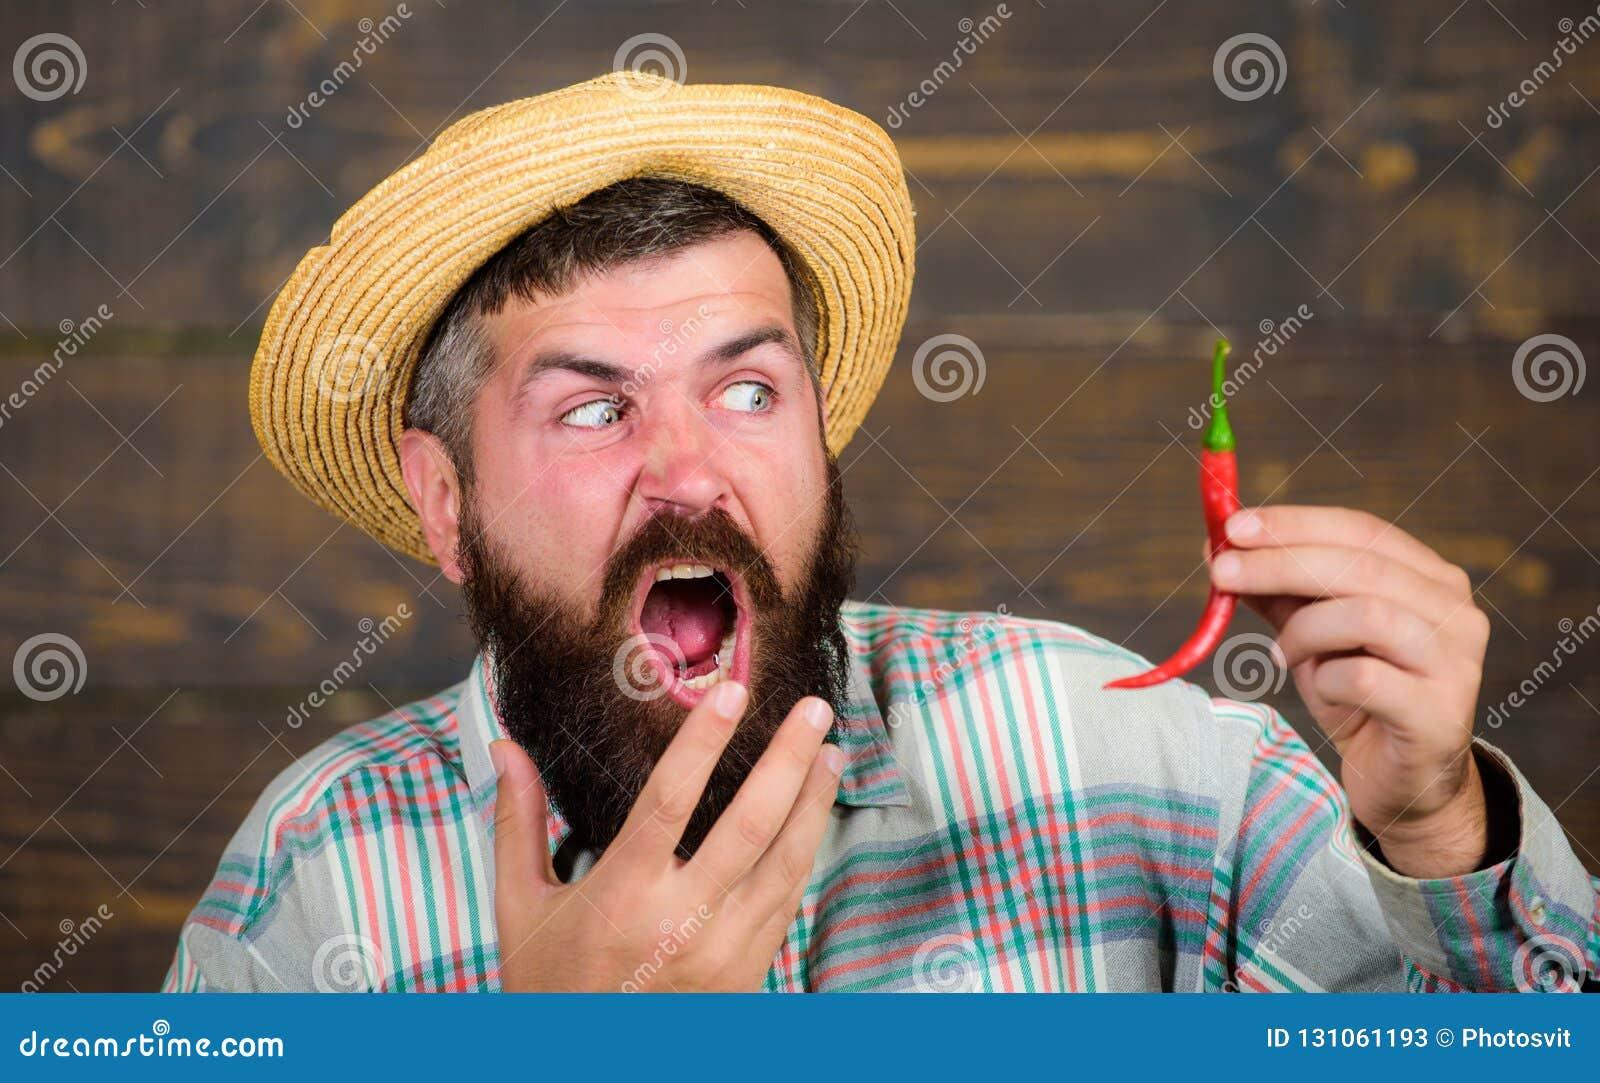 Έννοια συγκομιδών πιπεριών Ο αγροτικός αγρότης στο καπέλο αχύρου συμπαθεί το πικάντικο γούστο Γενειοφόρος λαβή αγροτών συγκομιδών